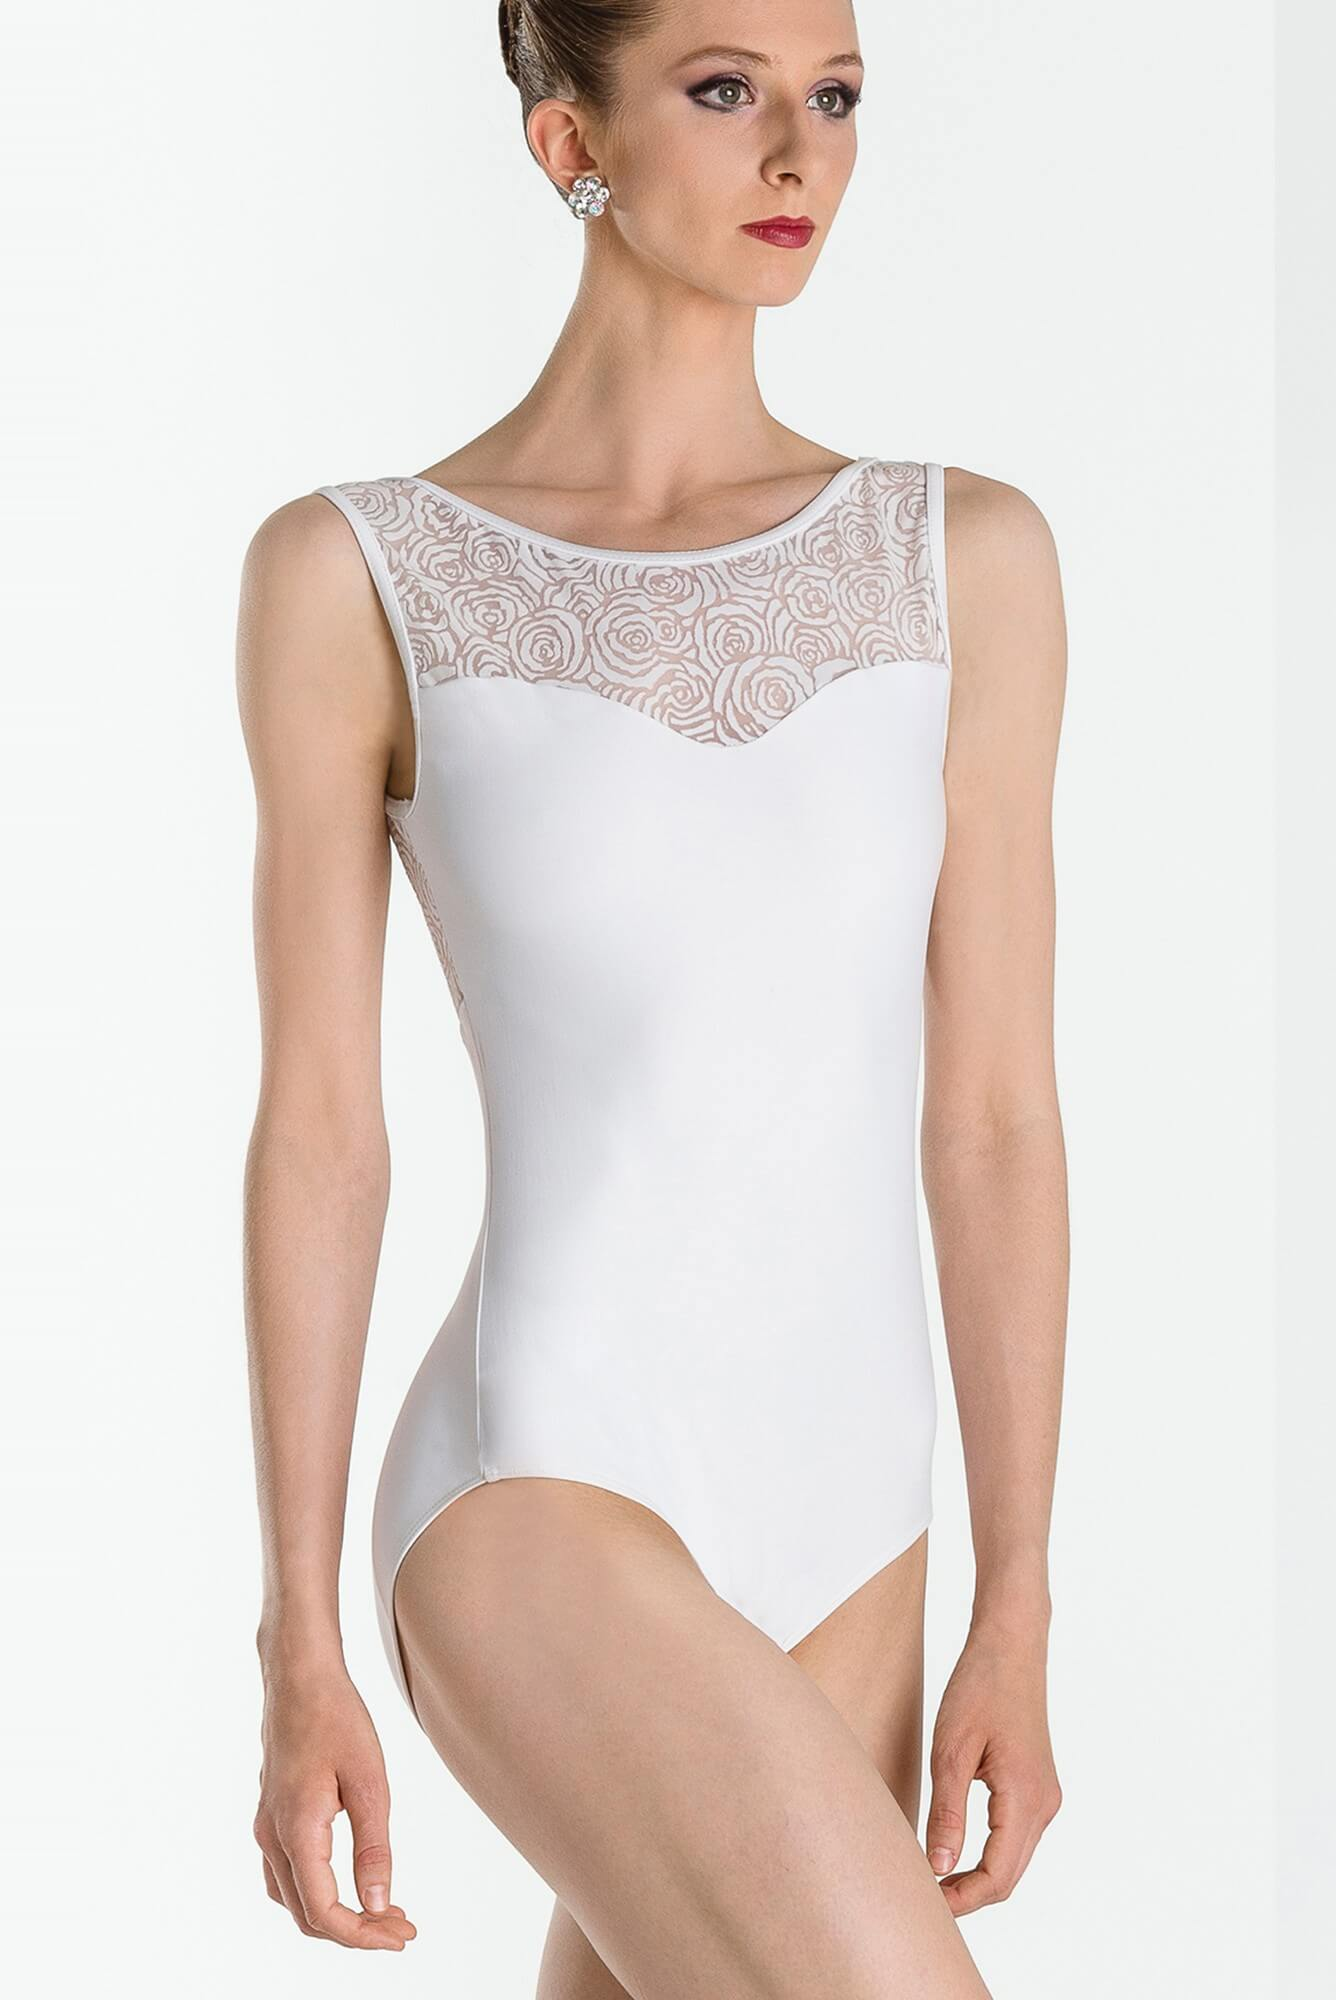 Leotard Dresses for Women